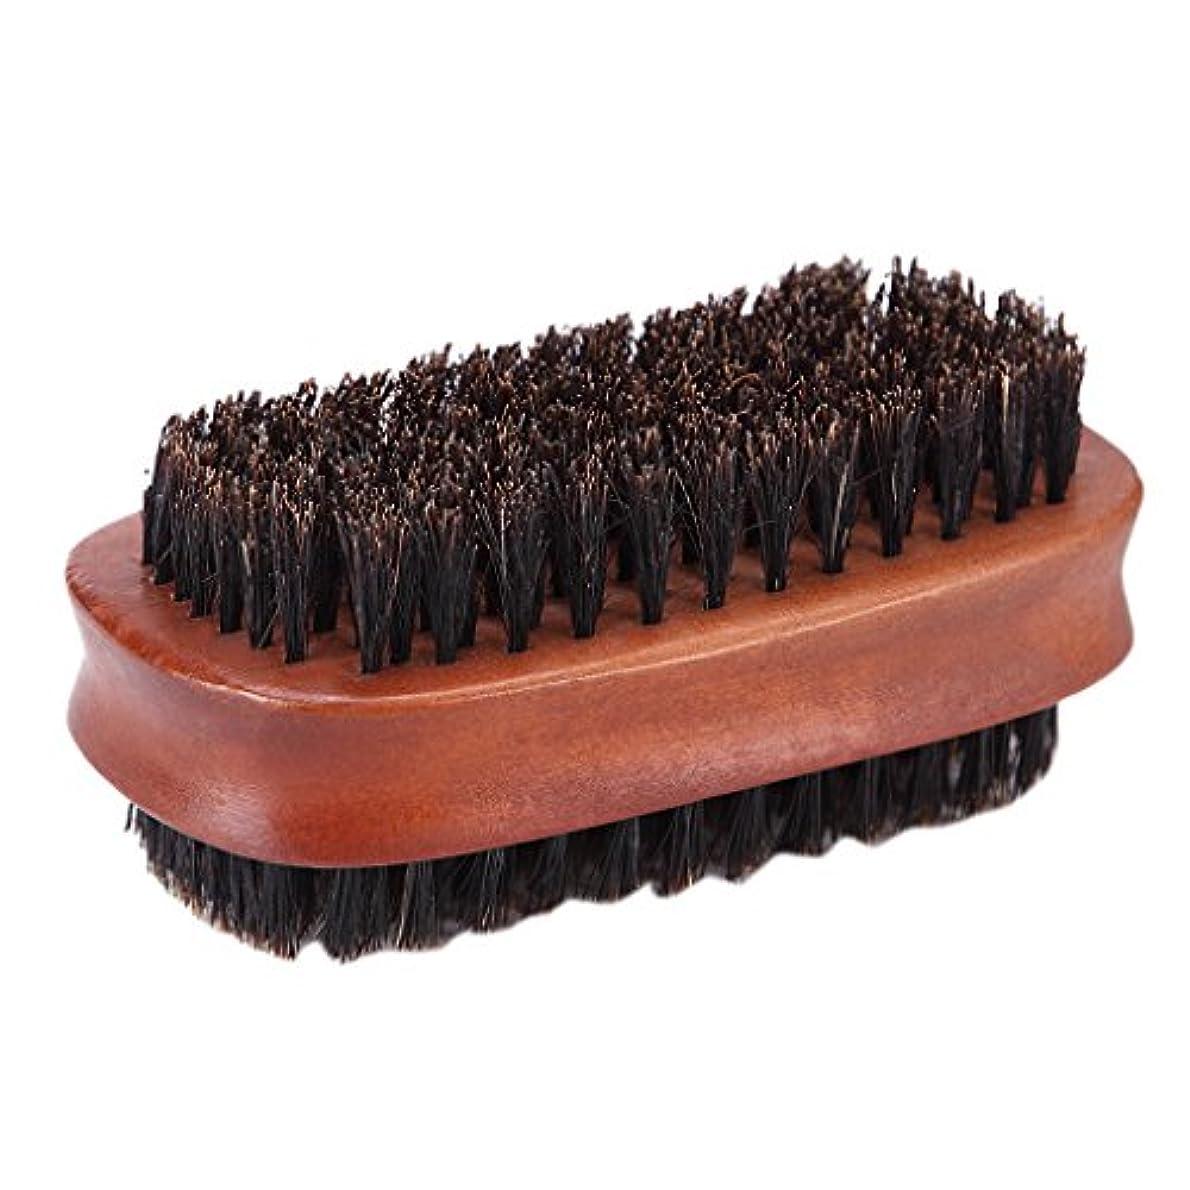 宣教師オーナードキドキヘアカット ダスターブラシ 両面ブラシ サロン 散髪 ヘアカット 柔らか 使いやすい